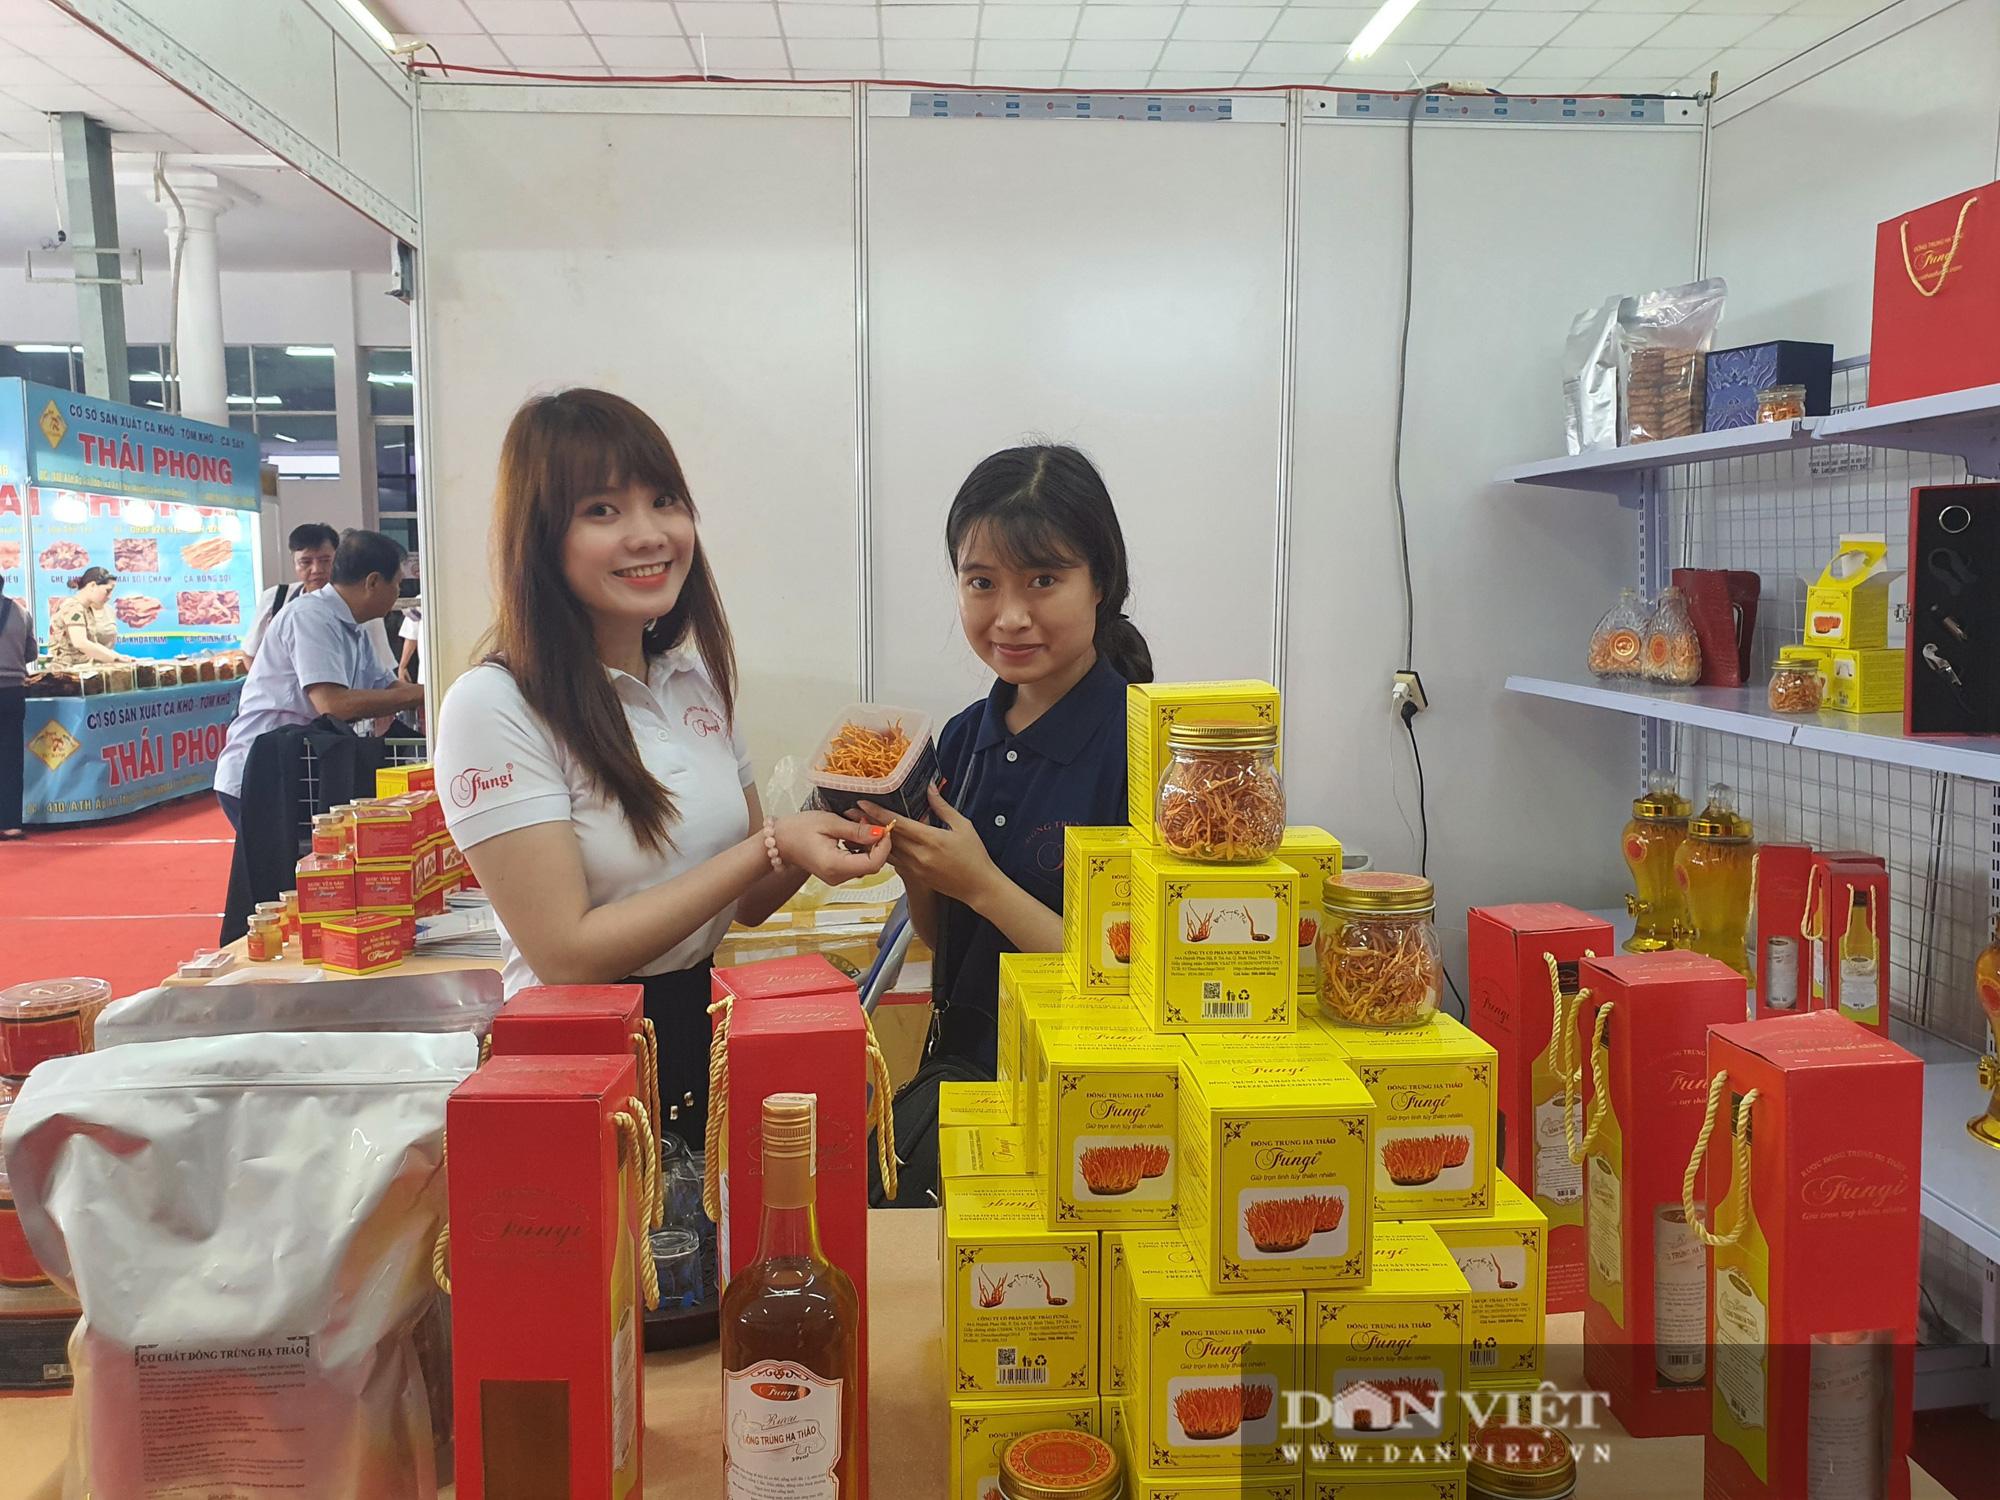 Cần Thơ: Hàng loạt sản phẩm mới lạ xuất hiện tại Hội chợ nông nghiệp quốc tế Việt Nam, không xem sẽ rất tiếc nuối - Ảnh 11.